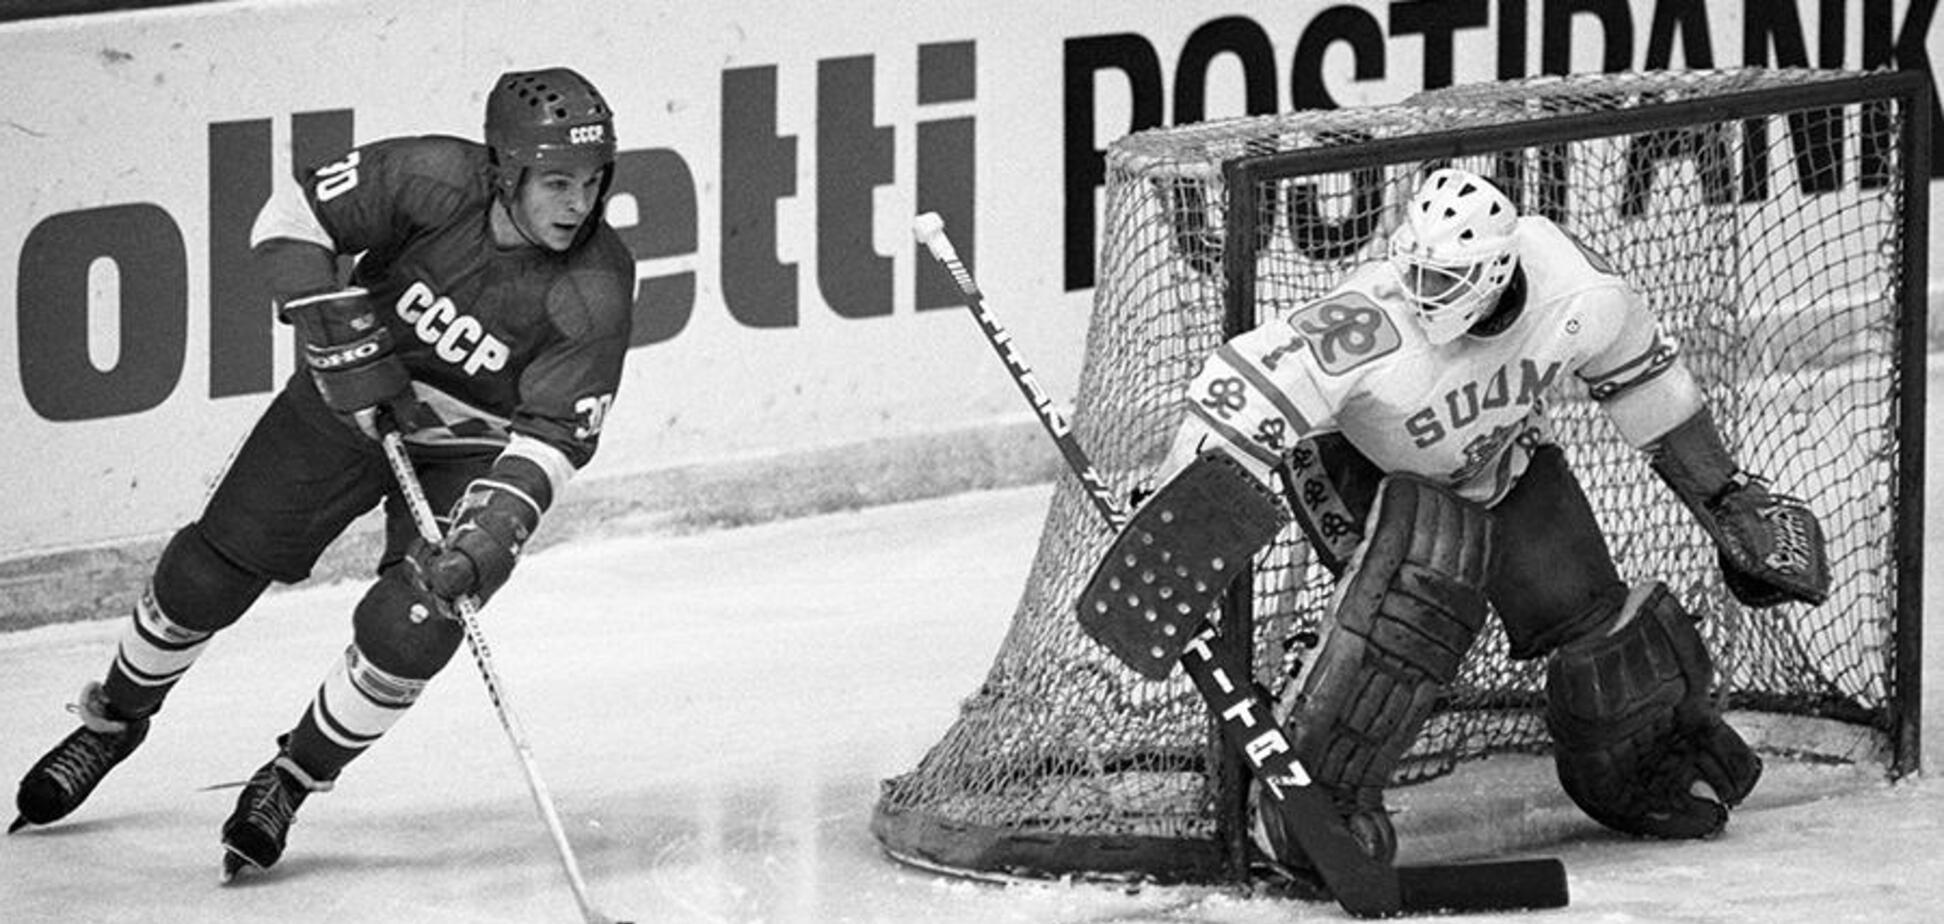 СССР разбил Канаду 8:1: главные события мирового хоккея